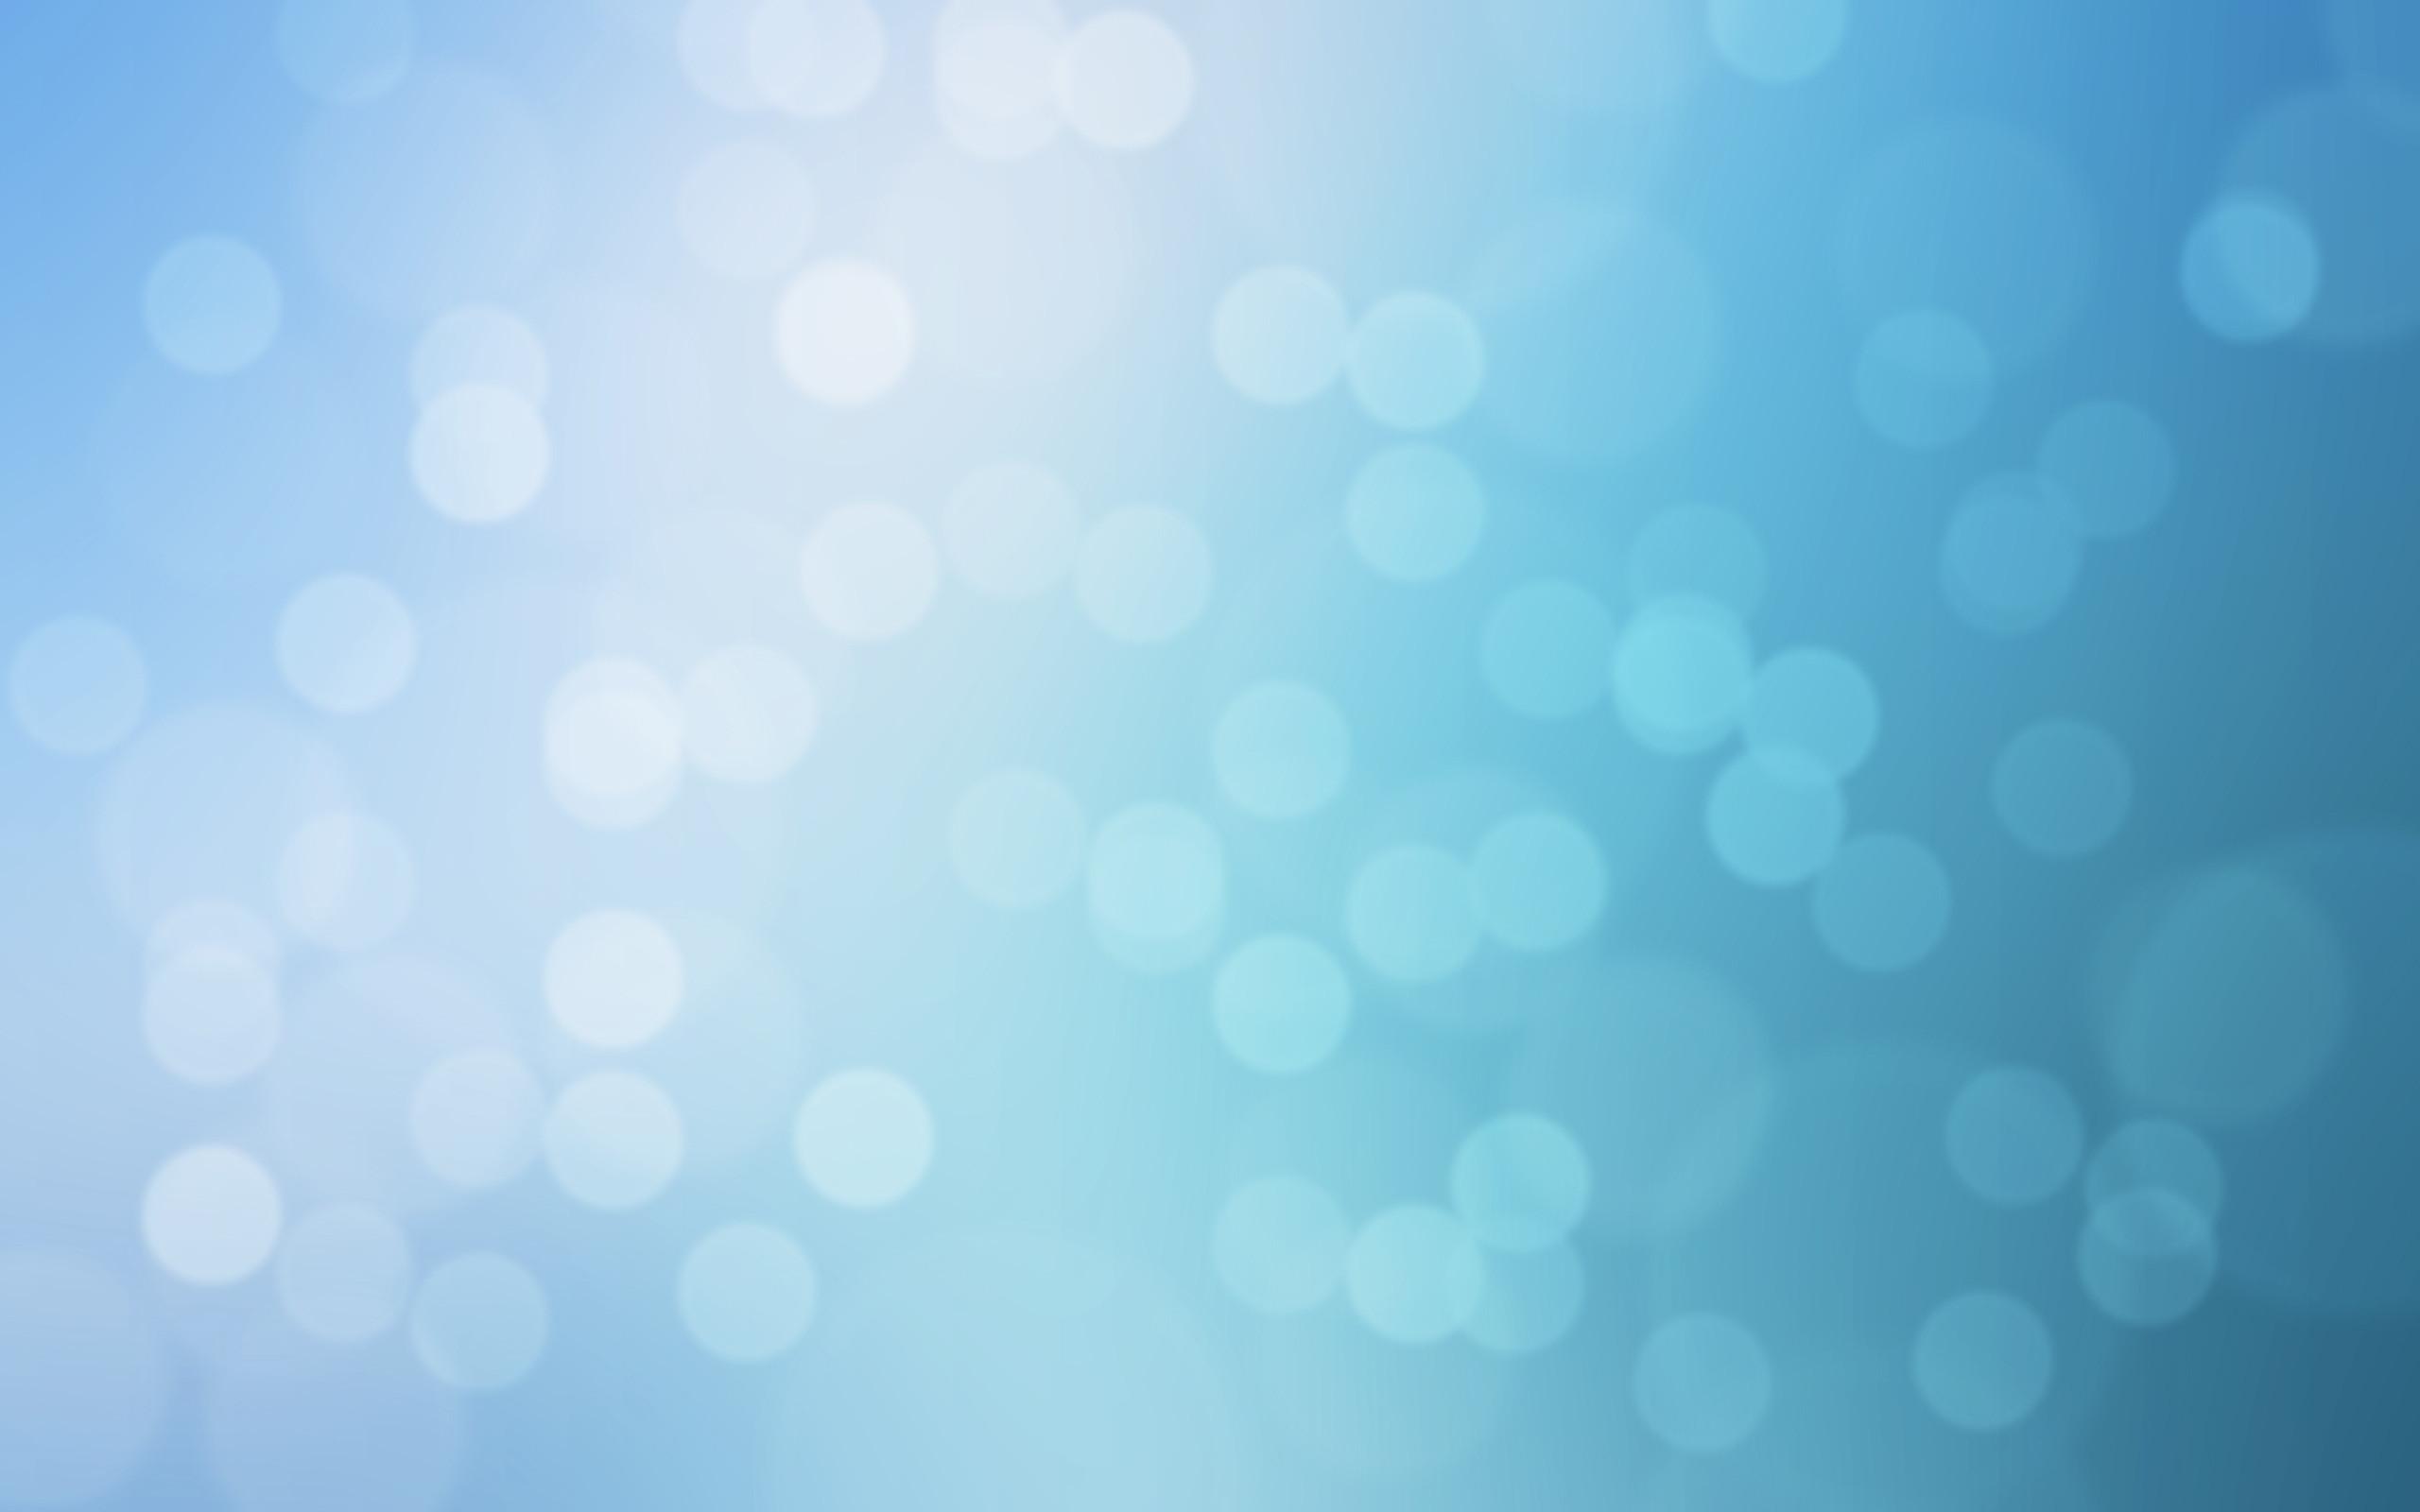 … blue circles HD Wallpaper 2560×1600